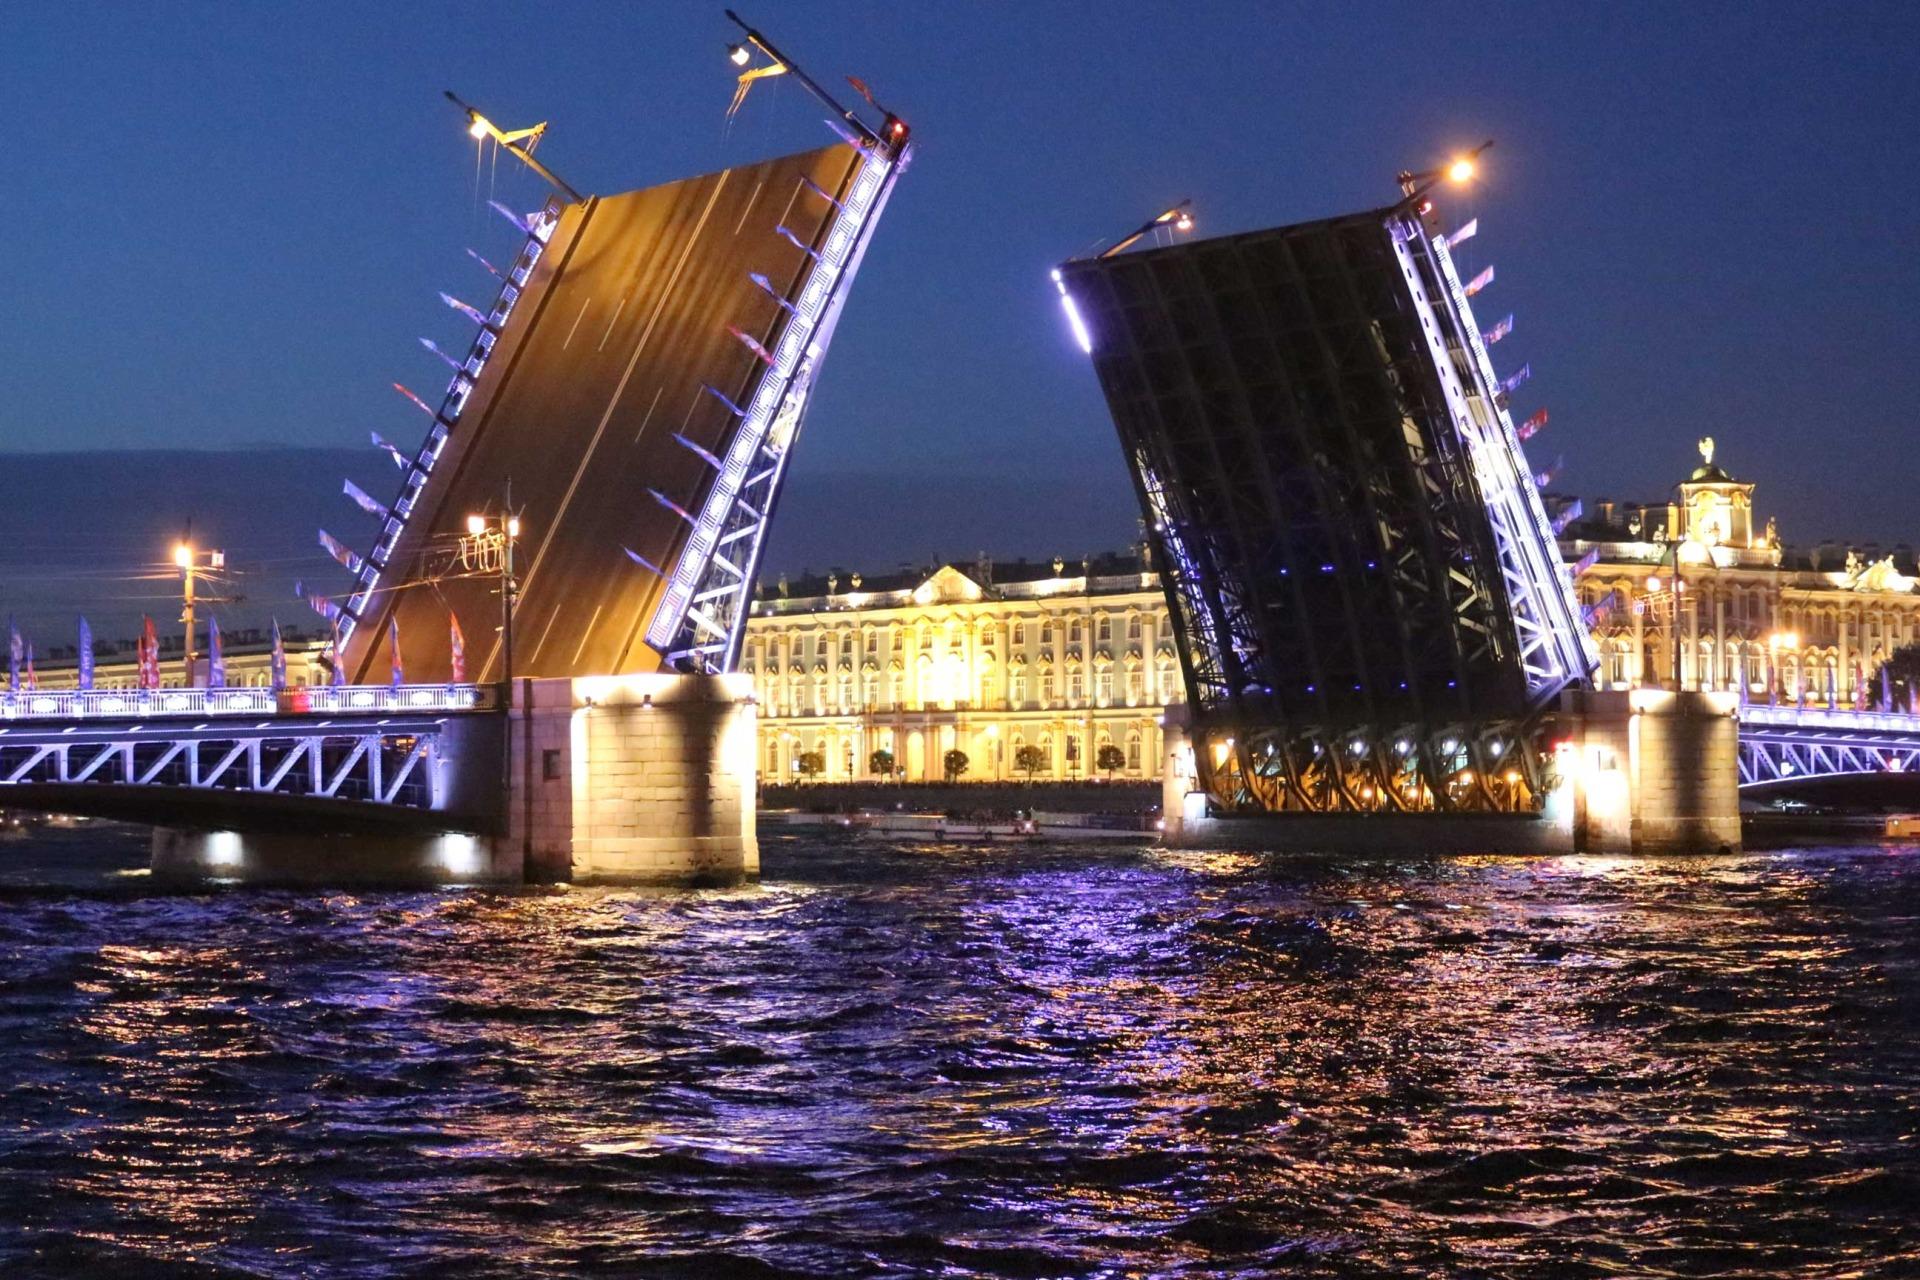 разводные мосты санкт петербурга фото с названиями бути бутис представляет